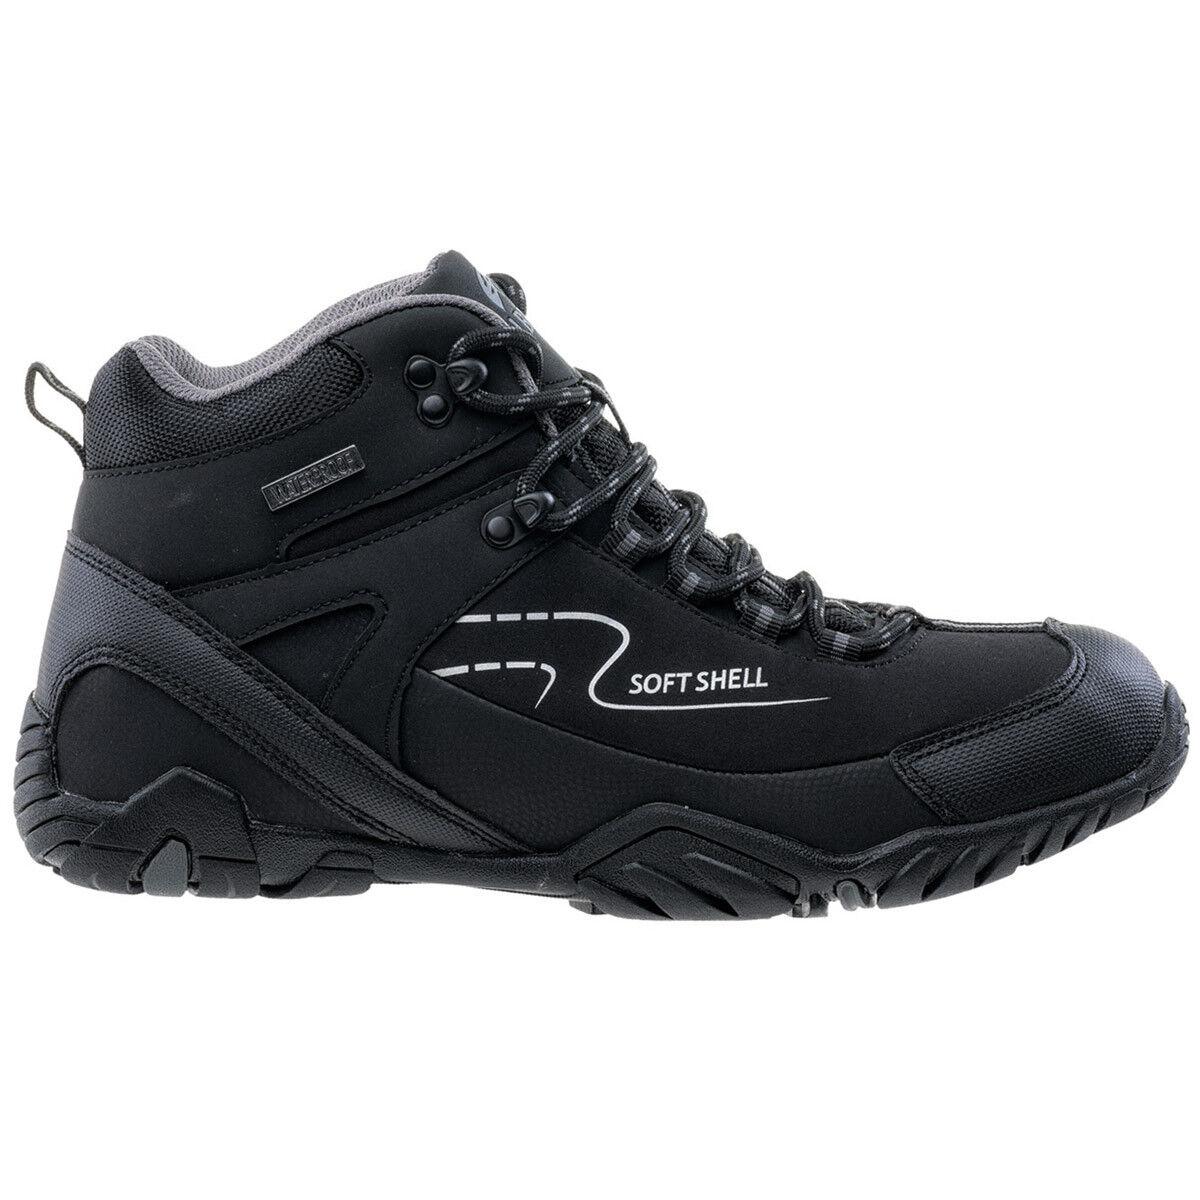 ELBRUS baash Hombre Mid WP Softshell Zapatos Hombre baash Botas de trekking Outdoor NUEVO 186d4a